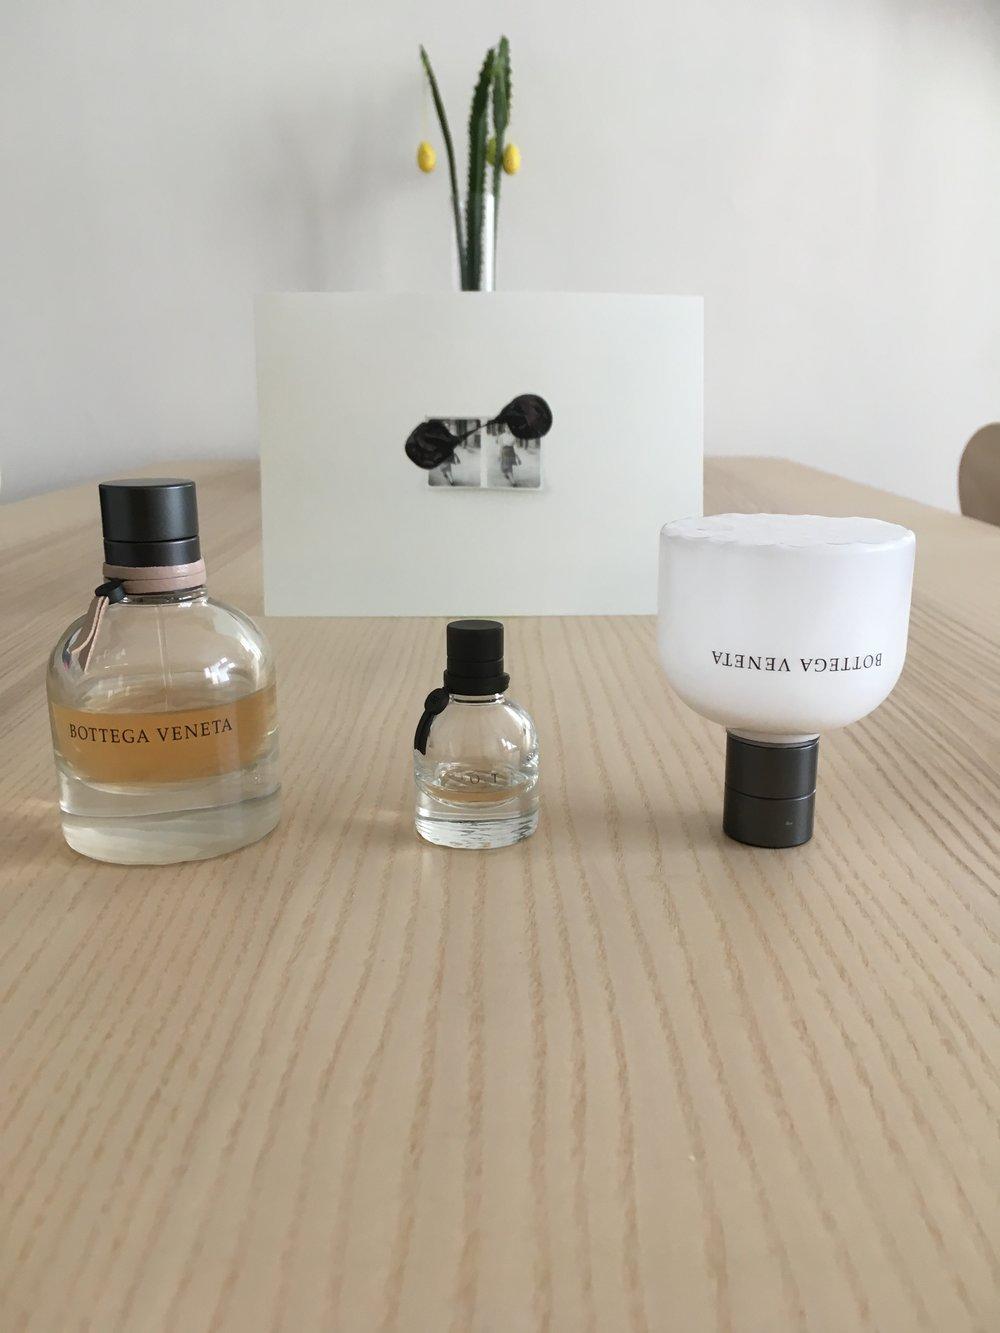 parfumovaná voda, miniatúra na cesty a telové mlieko, ktoré, ak nanesiem pred aplikovaním parfumu, vôňu ešte znásobí..v pozadí pohľadnica z výstavy  Lucie Tallovej  s názvom Druhý archív